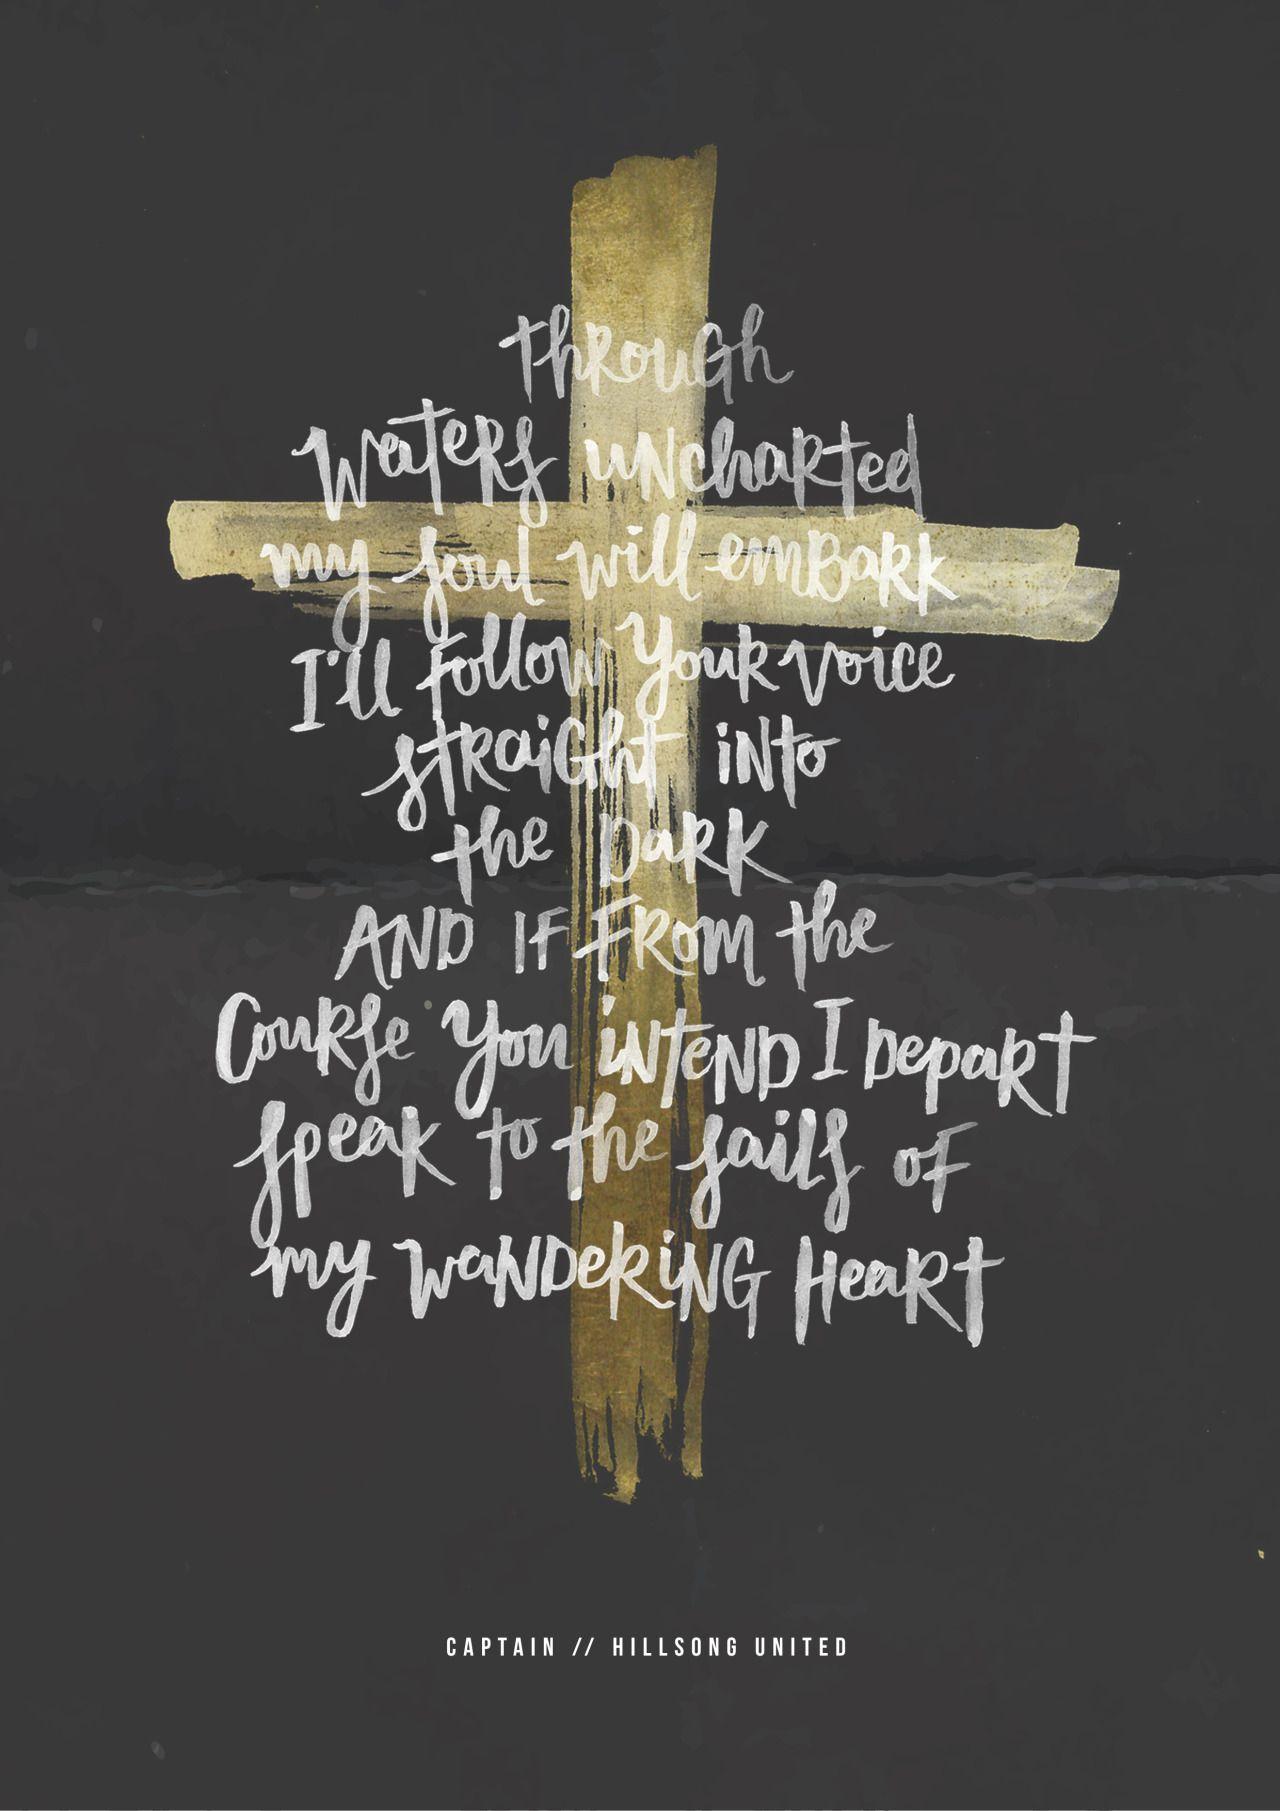 Grace And Mercy Lyrics : grace, mercy, lyrics, Mercy, Grace, Captain, Hillsong, United, Lyrics, Lettering, Hillsong,, Lyrics,